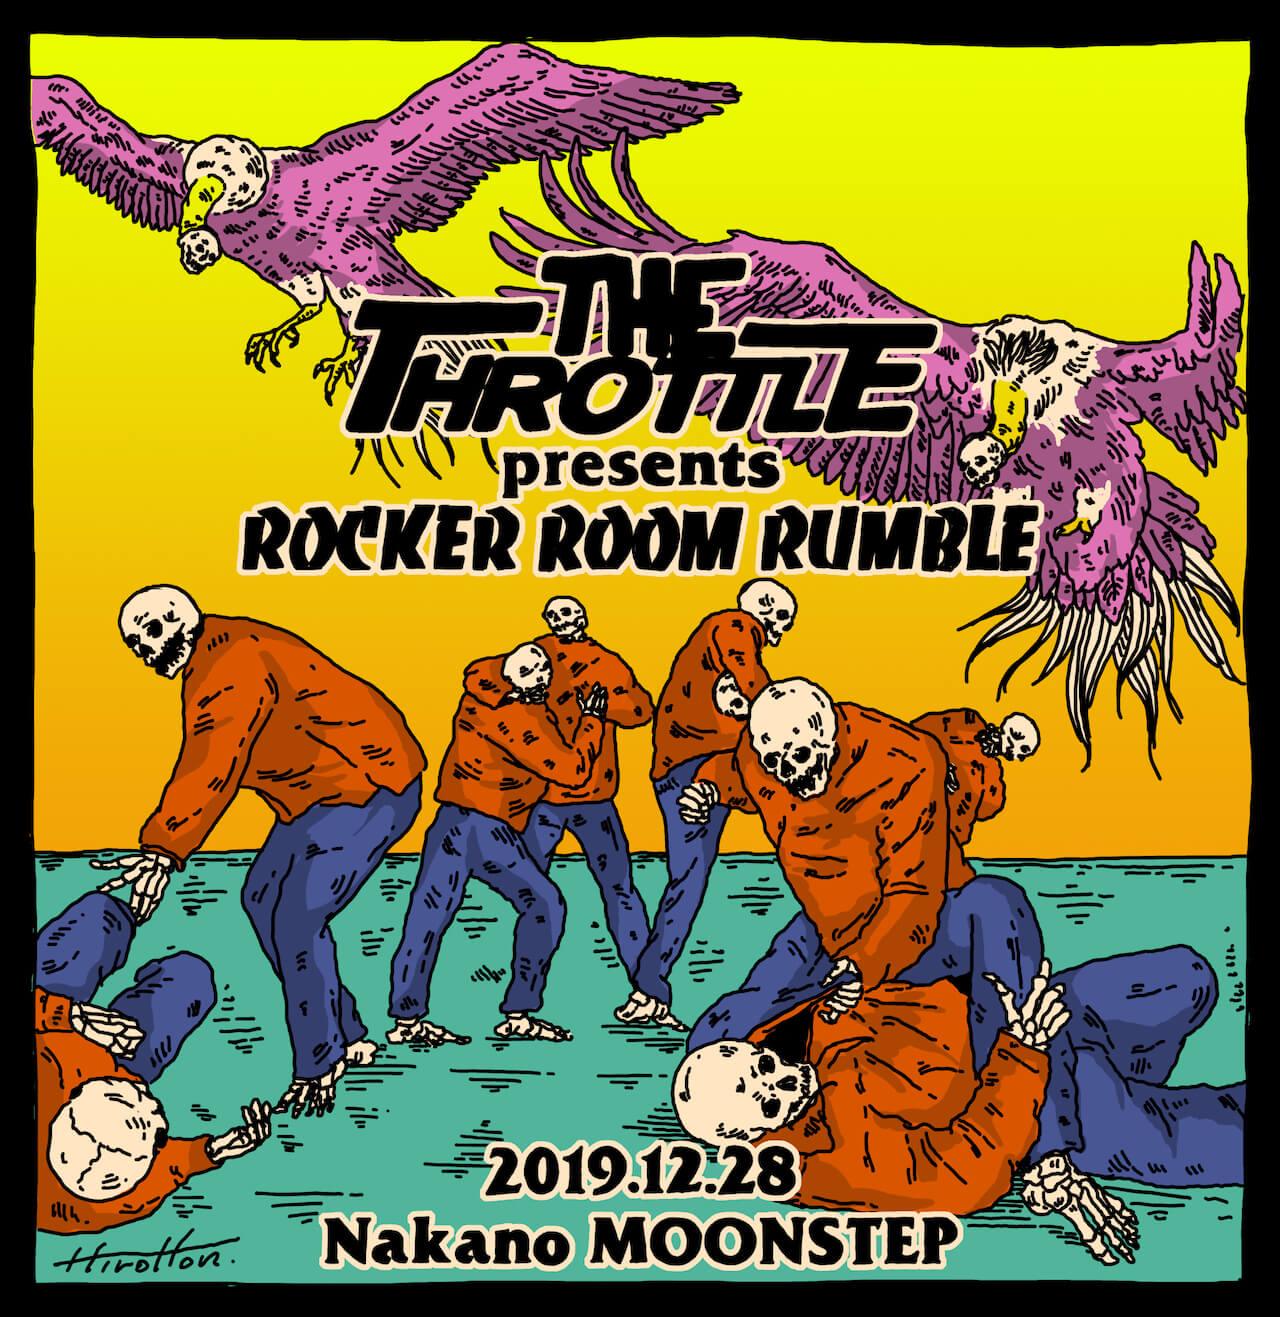 高岩遼率いるTHE THROTTLEがBustaSkill参加の新MVを公開 年末には大忘年会的ランブルパーティを開催 music191031-thethrottle